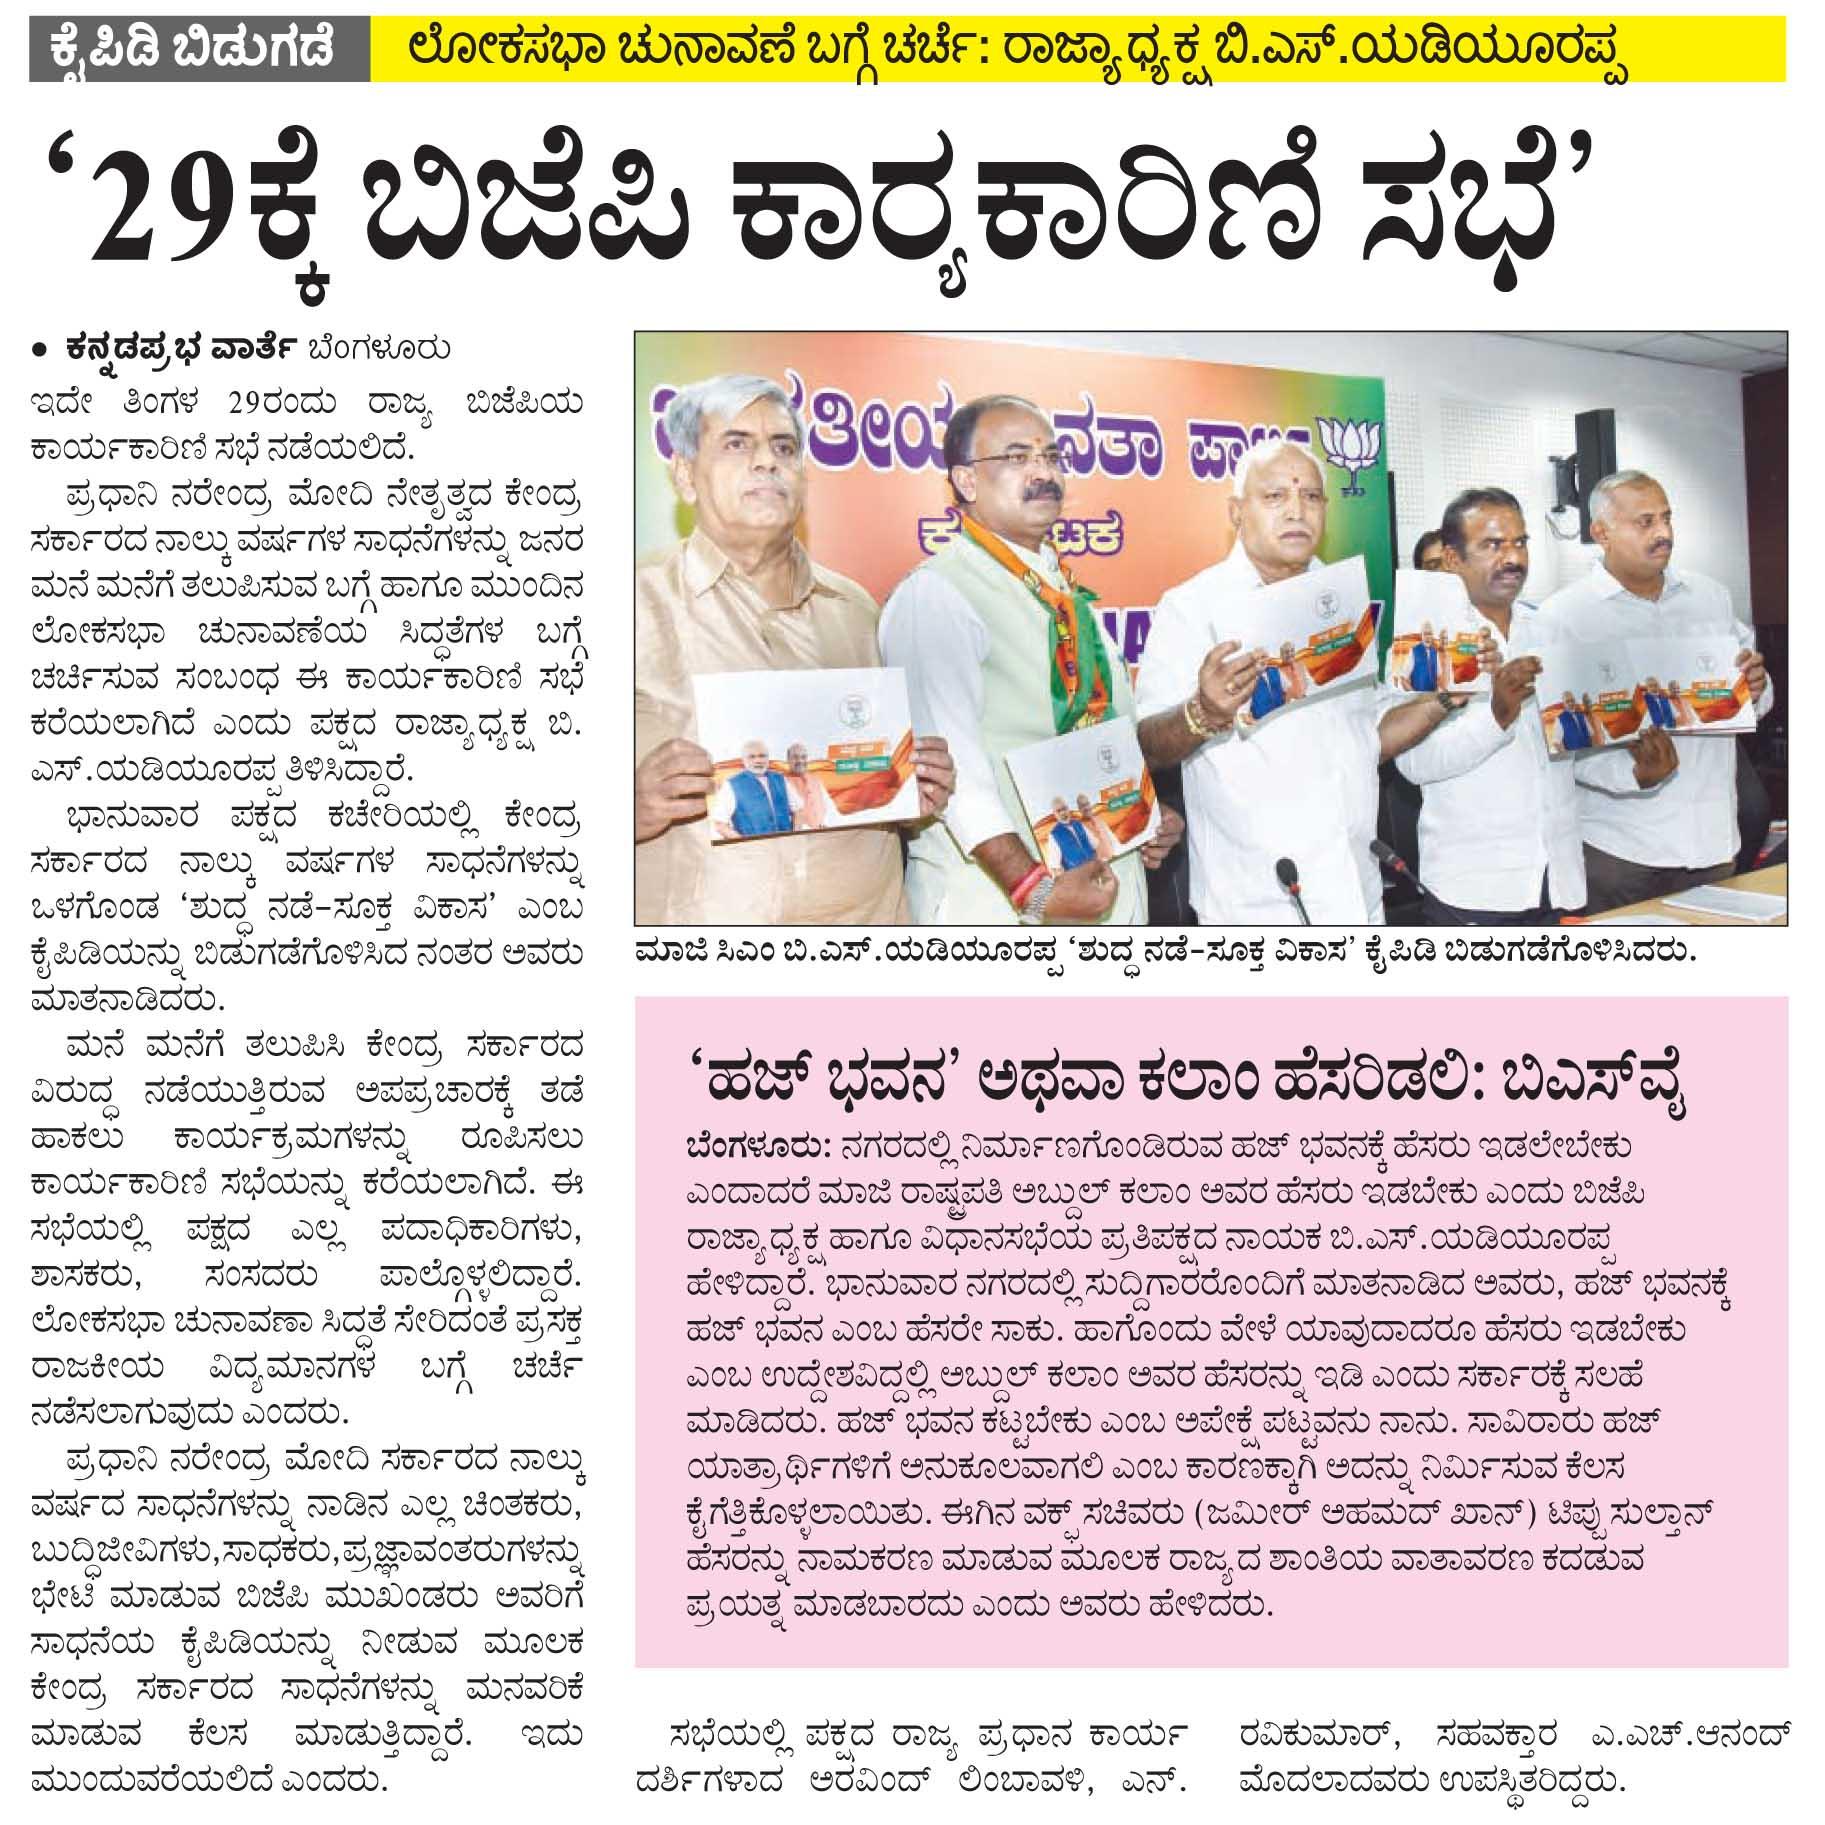 '29ಕ್ಕೆ ಬಿಜೆಪಿ ಕಾರ್ಯಕಾರಿಣಿ ಸಭೆ'